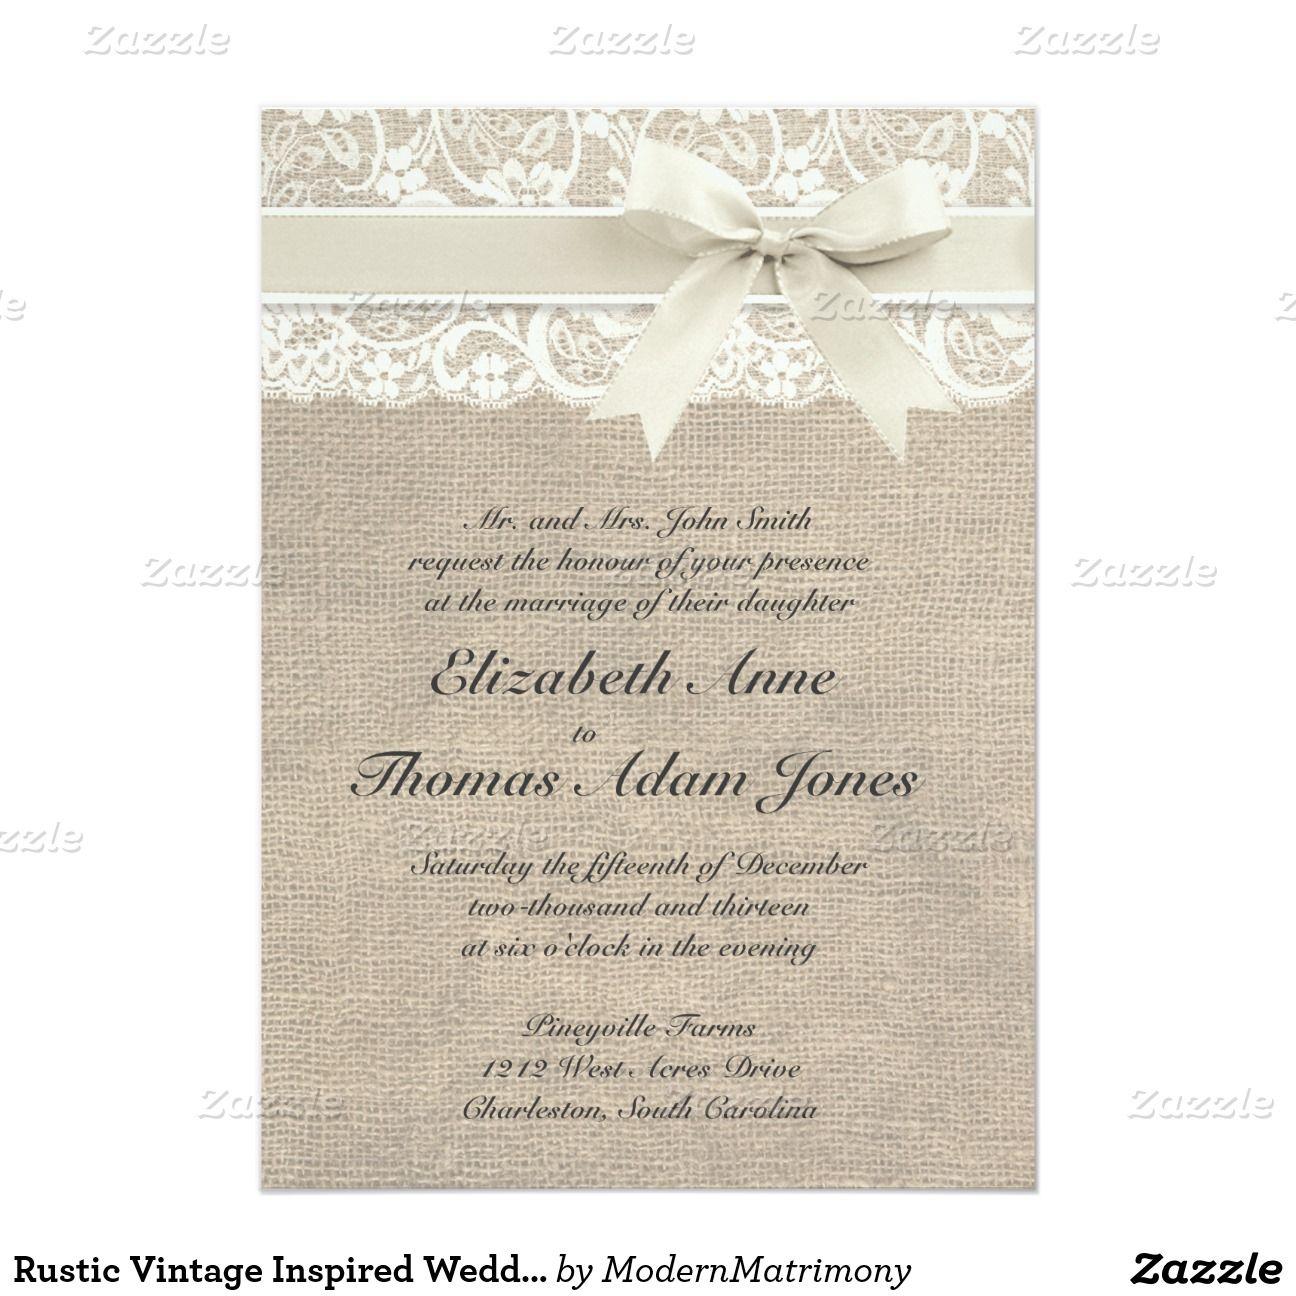 lantligt bröllop linne - Sök på Google | weddings | Pinterest | Weddings